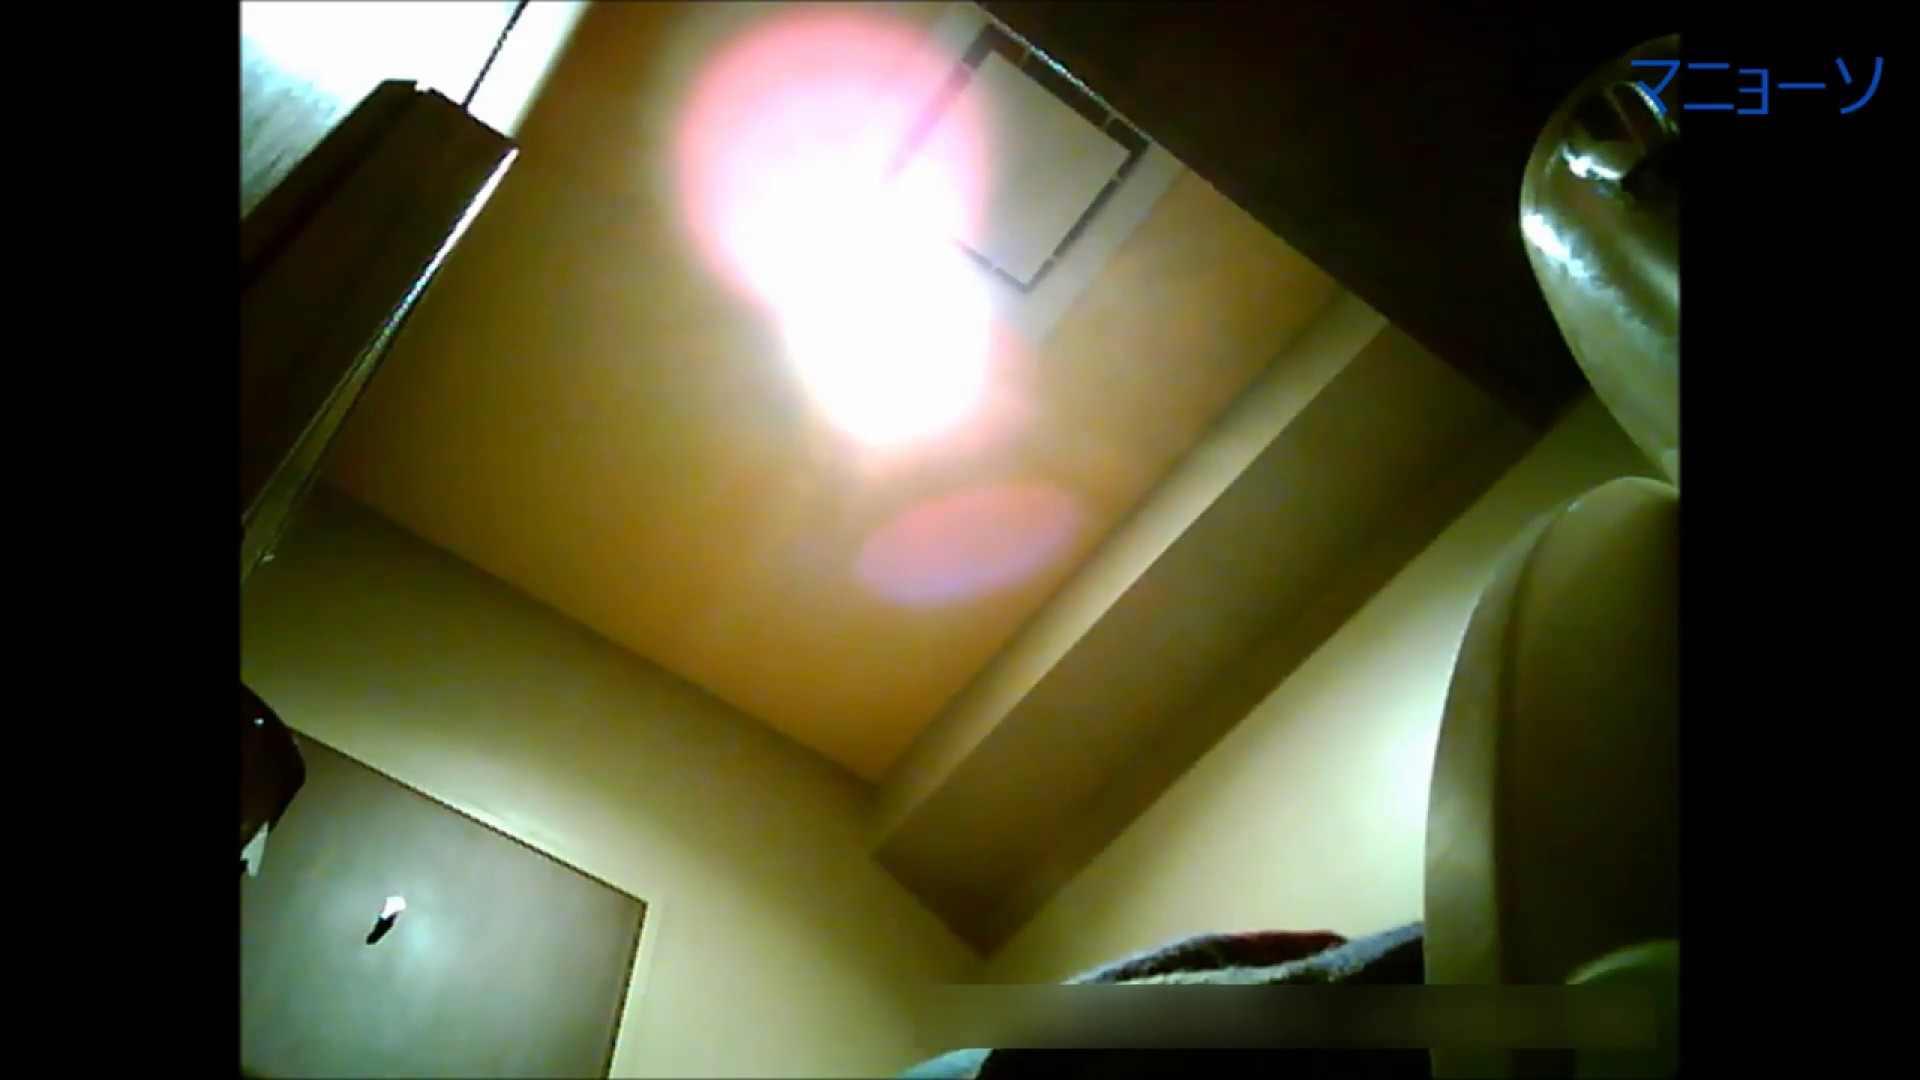 トイレでひと肌脱いでもらいました (JD編)Vol.02 トイレで・・・  83画像 28